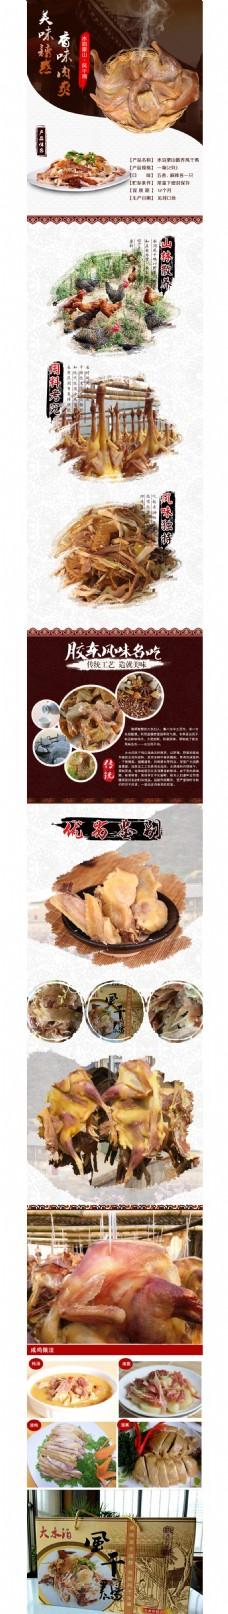 熟食农产品鸡肉淘宝详情页